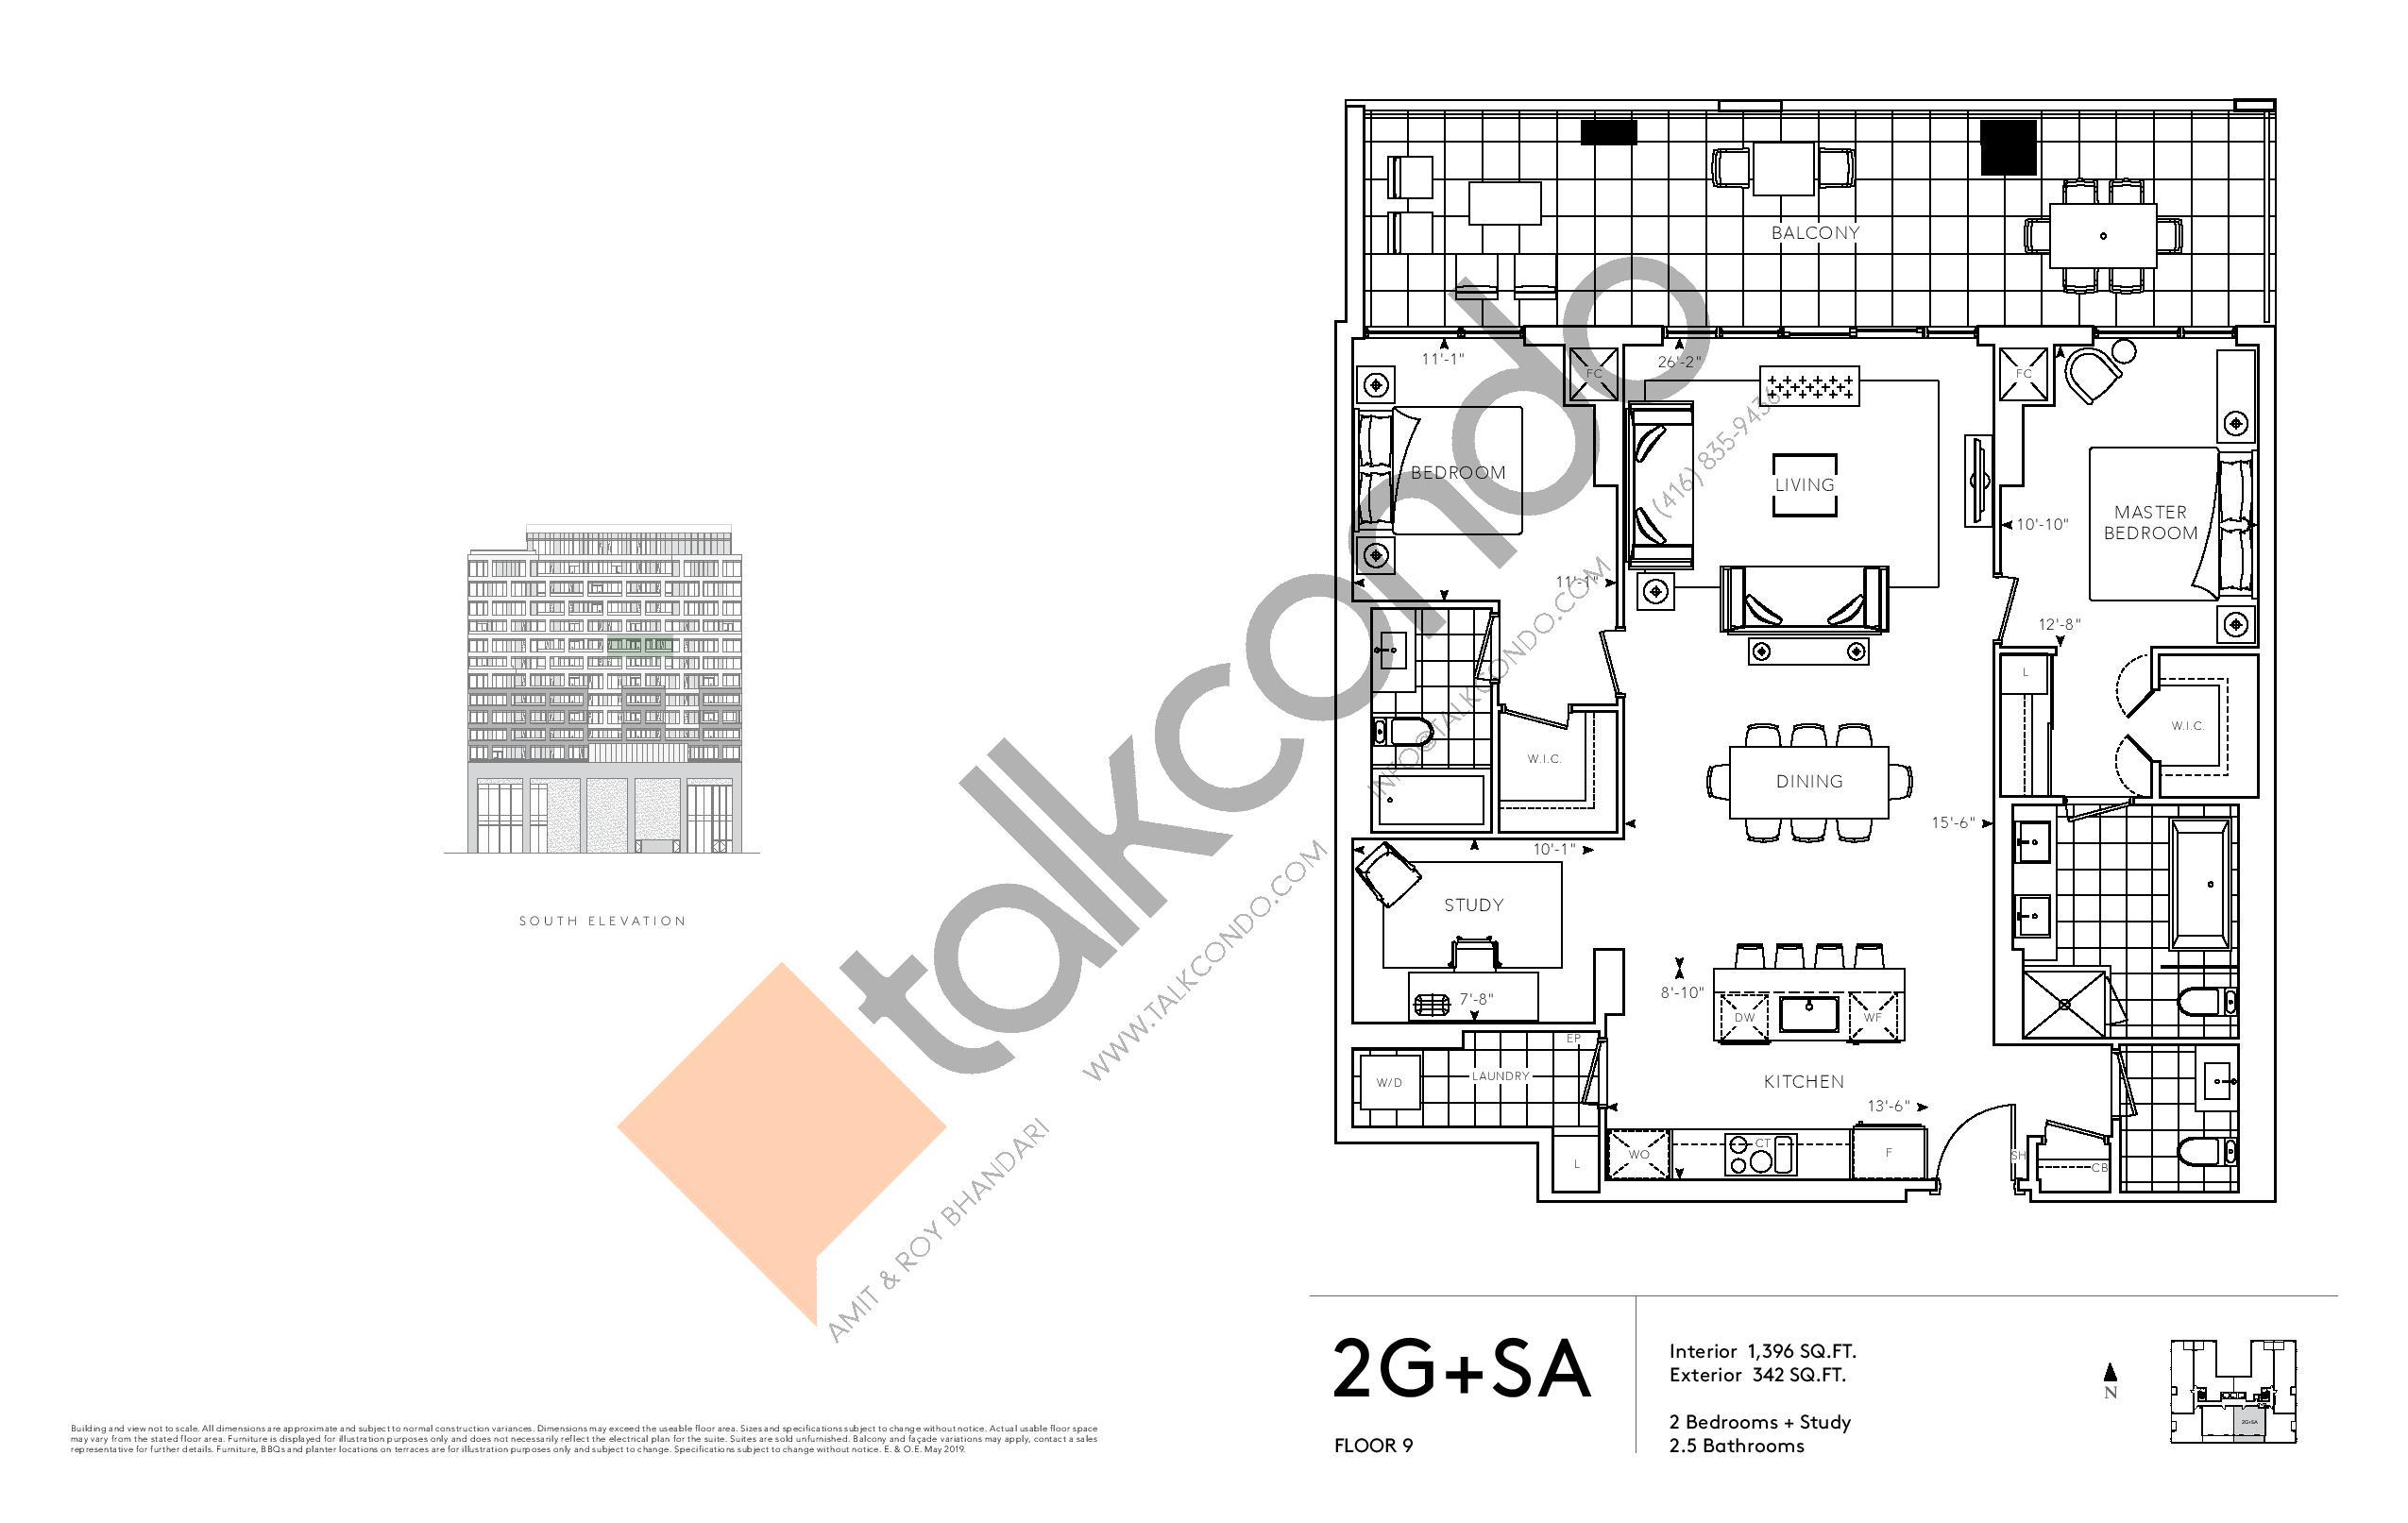 2G+SA - Signature Series Floor Plan at Tridel at The Well Condos - 1396 sq.ft